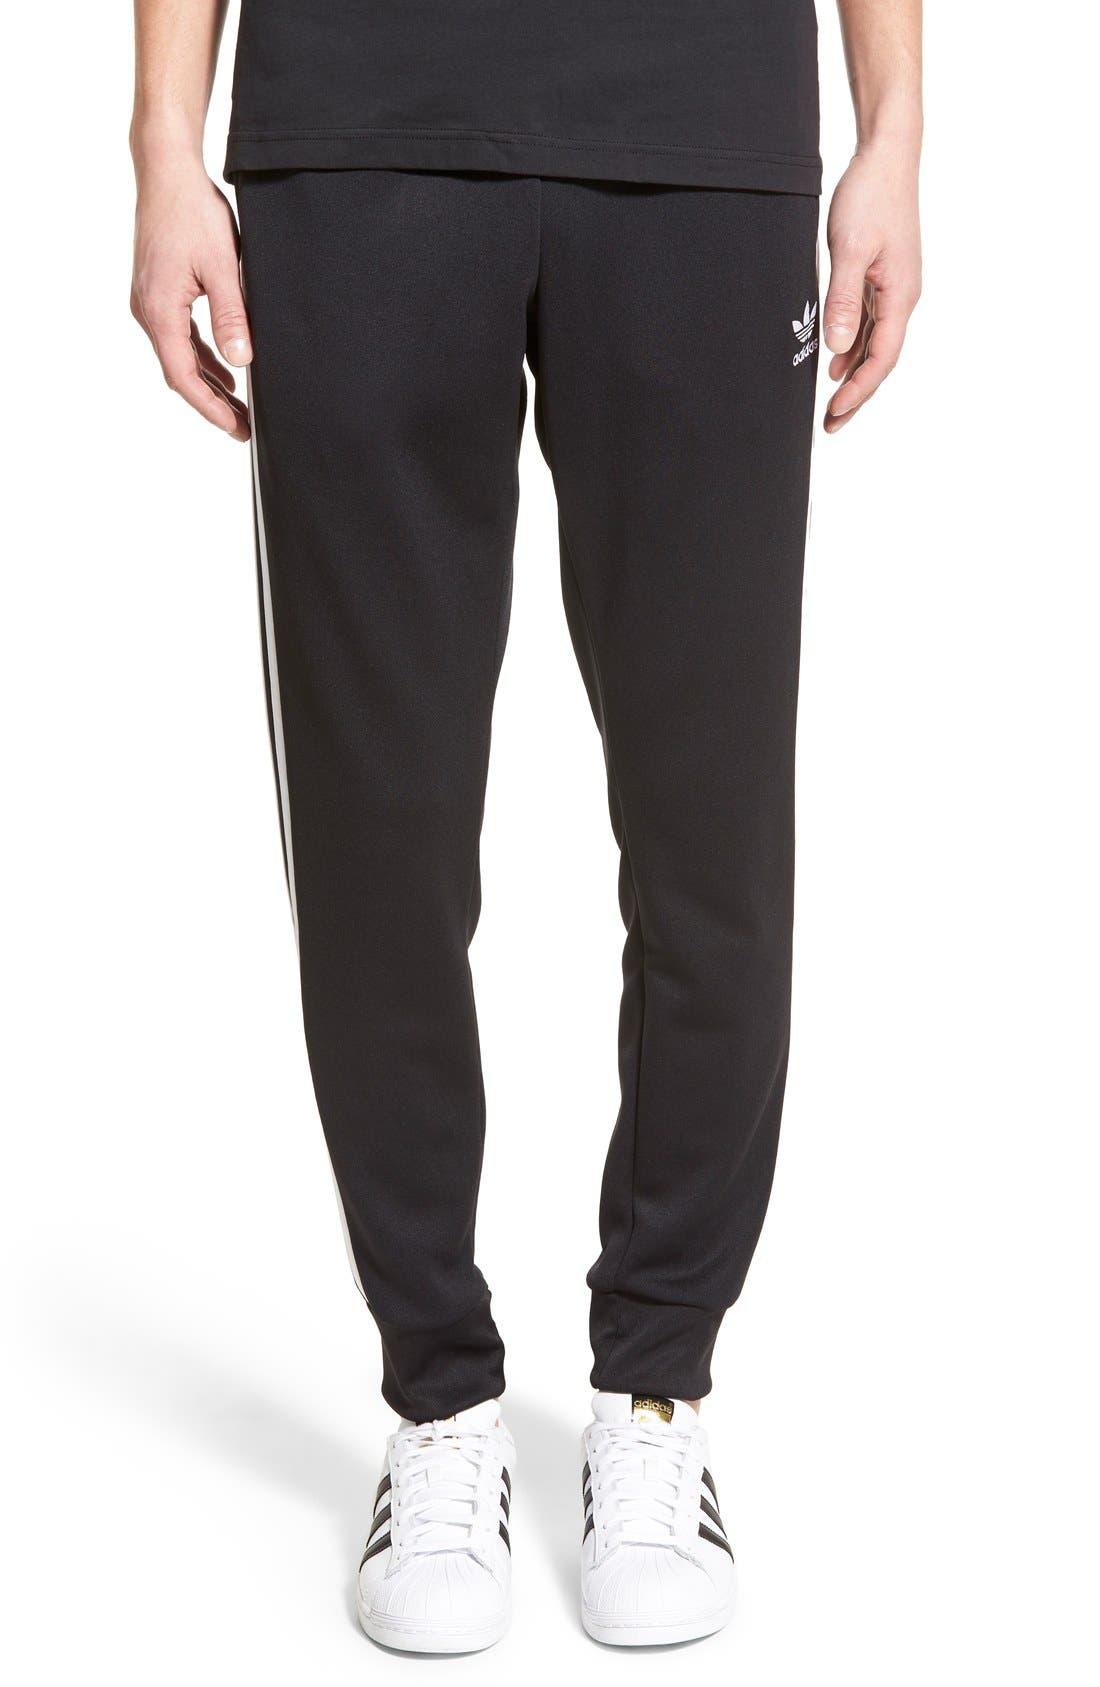 adidas Originals \u0027Superstar\u0027 Track Pants